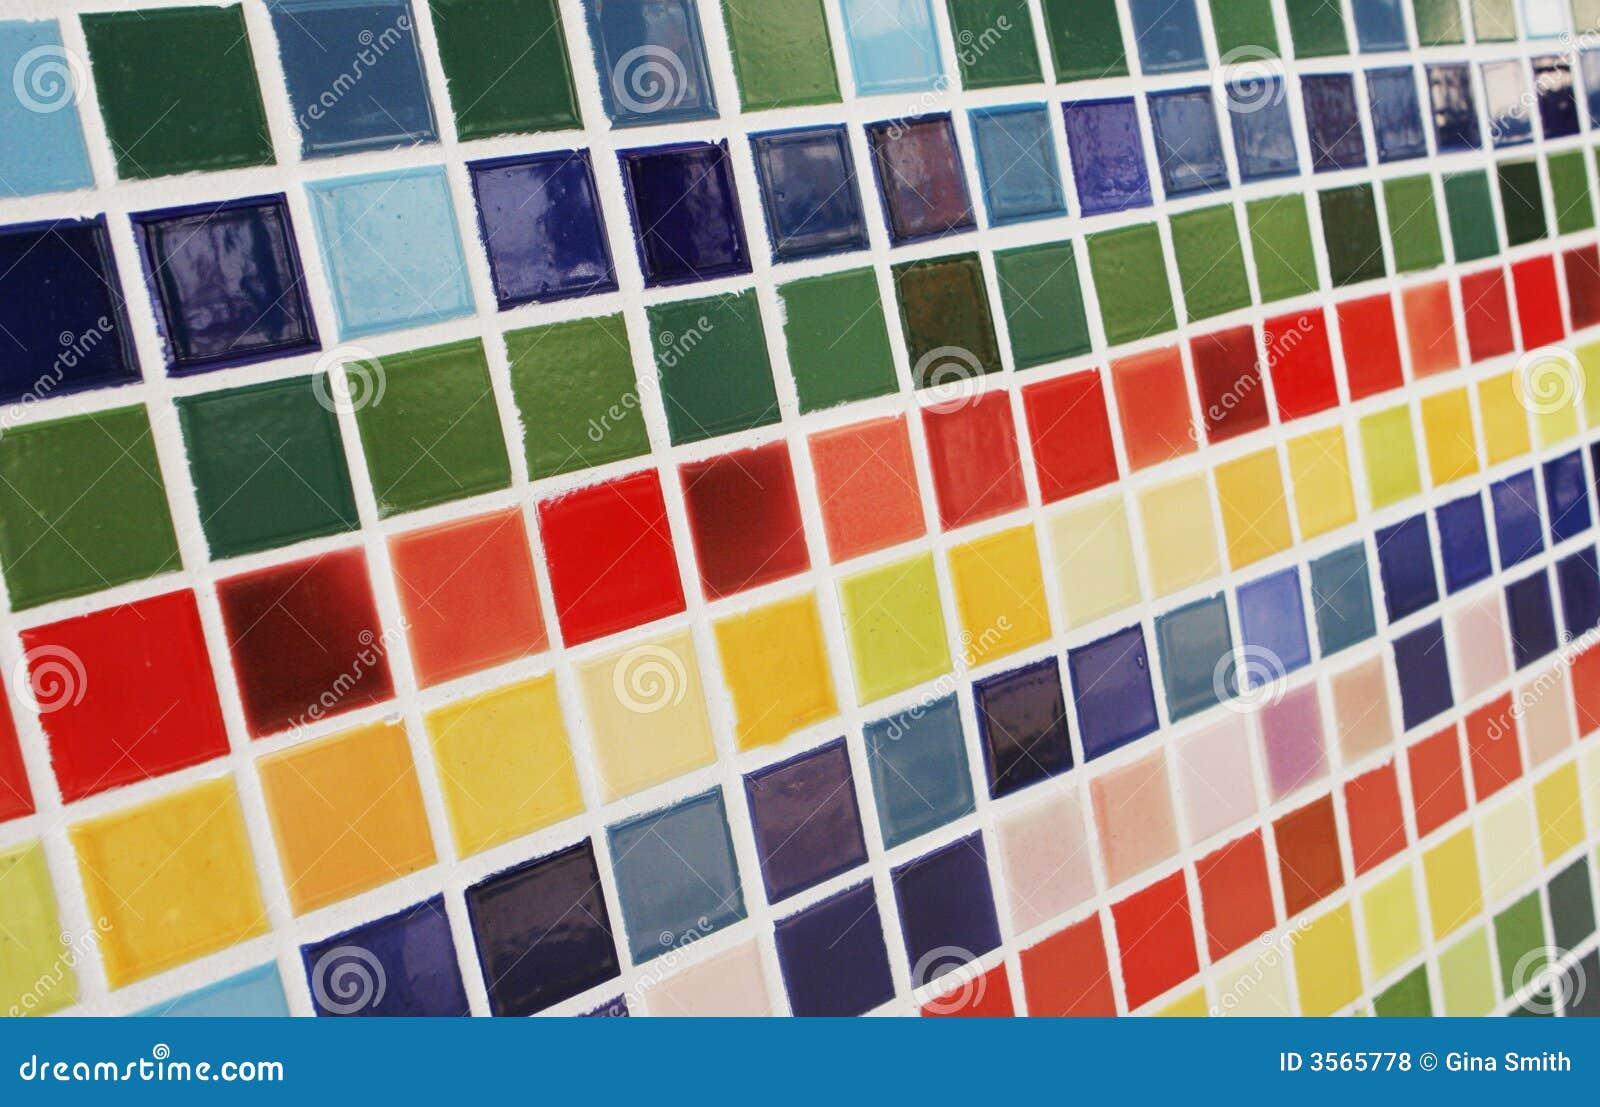 farbige fliesen stockfoto bild von kreativ tendenz. Black Bedroom Furniture Sets. Home Design Ideas